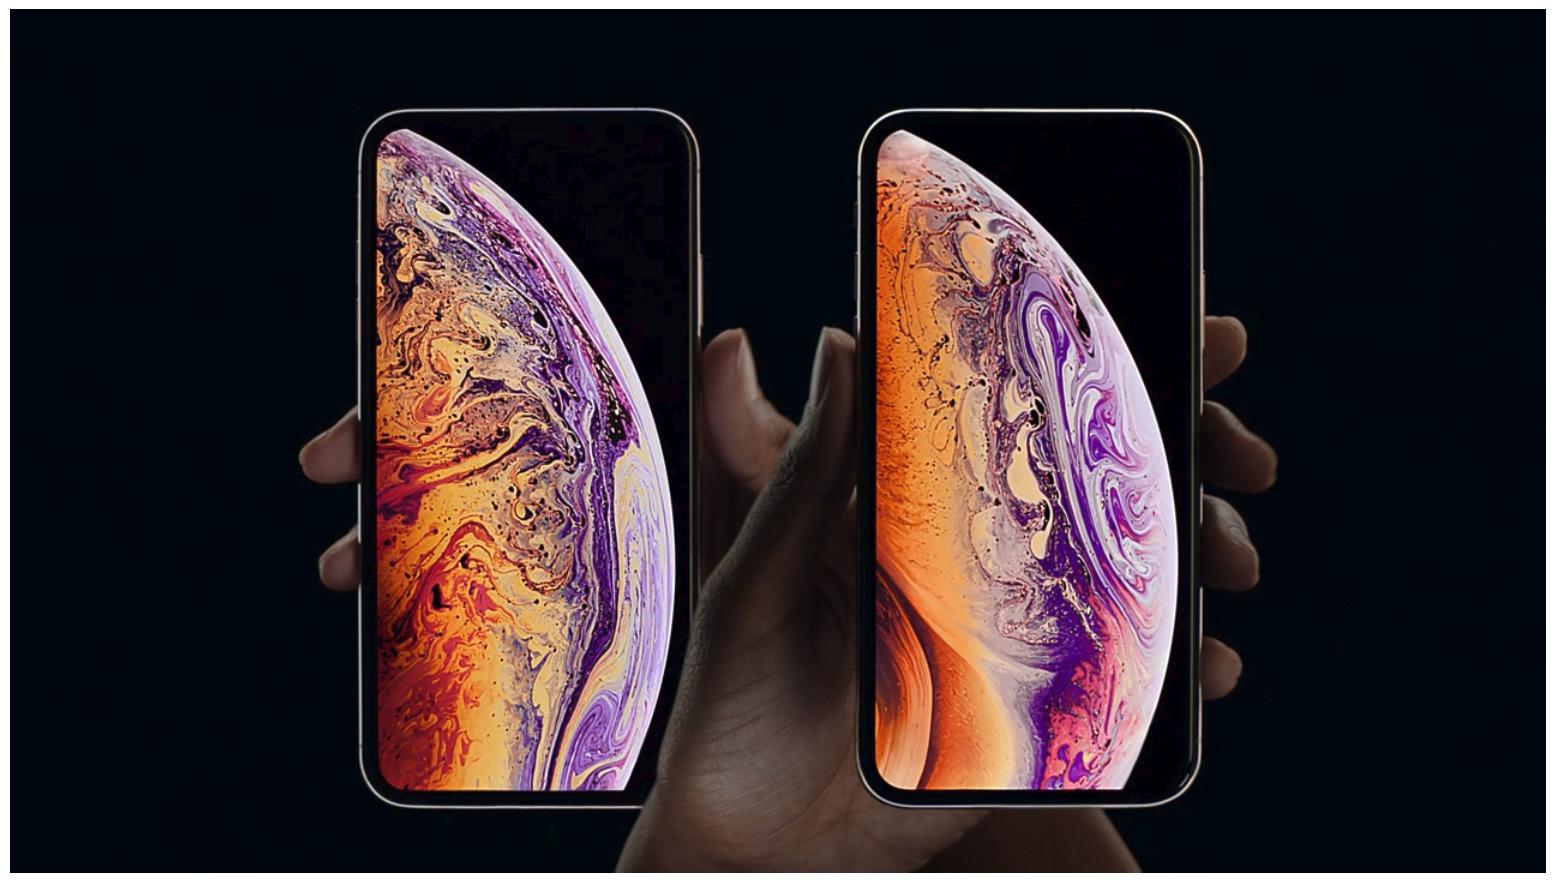 新型iPhone発表!iPhone Xs(アイフォン テンエス)Xs Max発売決定!Apple Event最新ニュース速報 iPhone Xs 画像 (10)